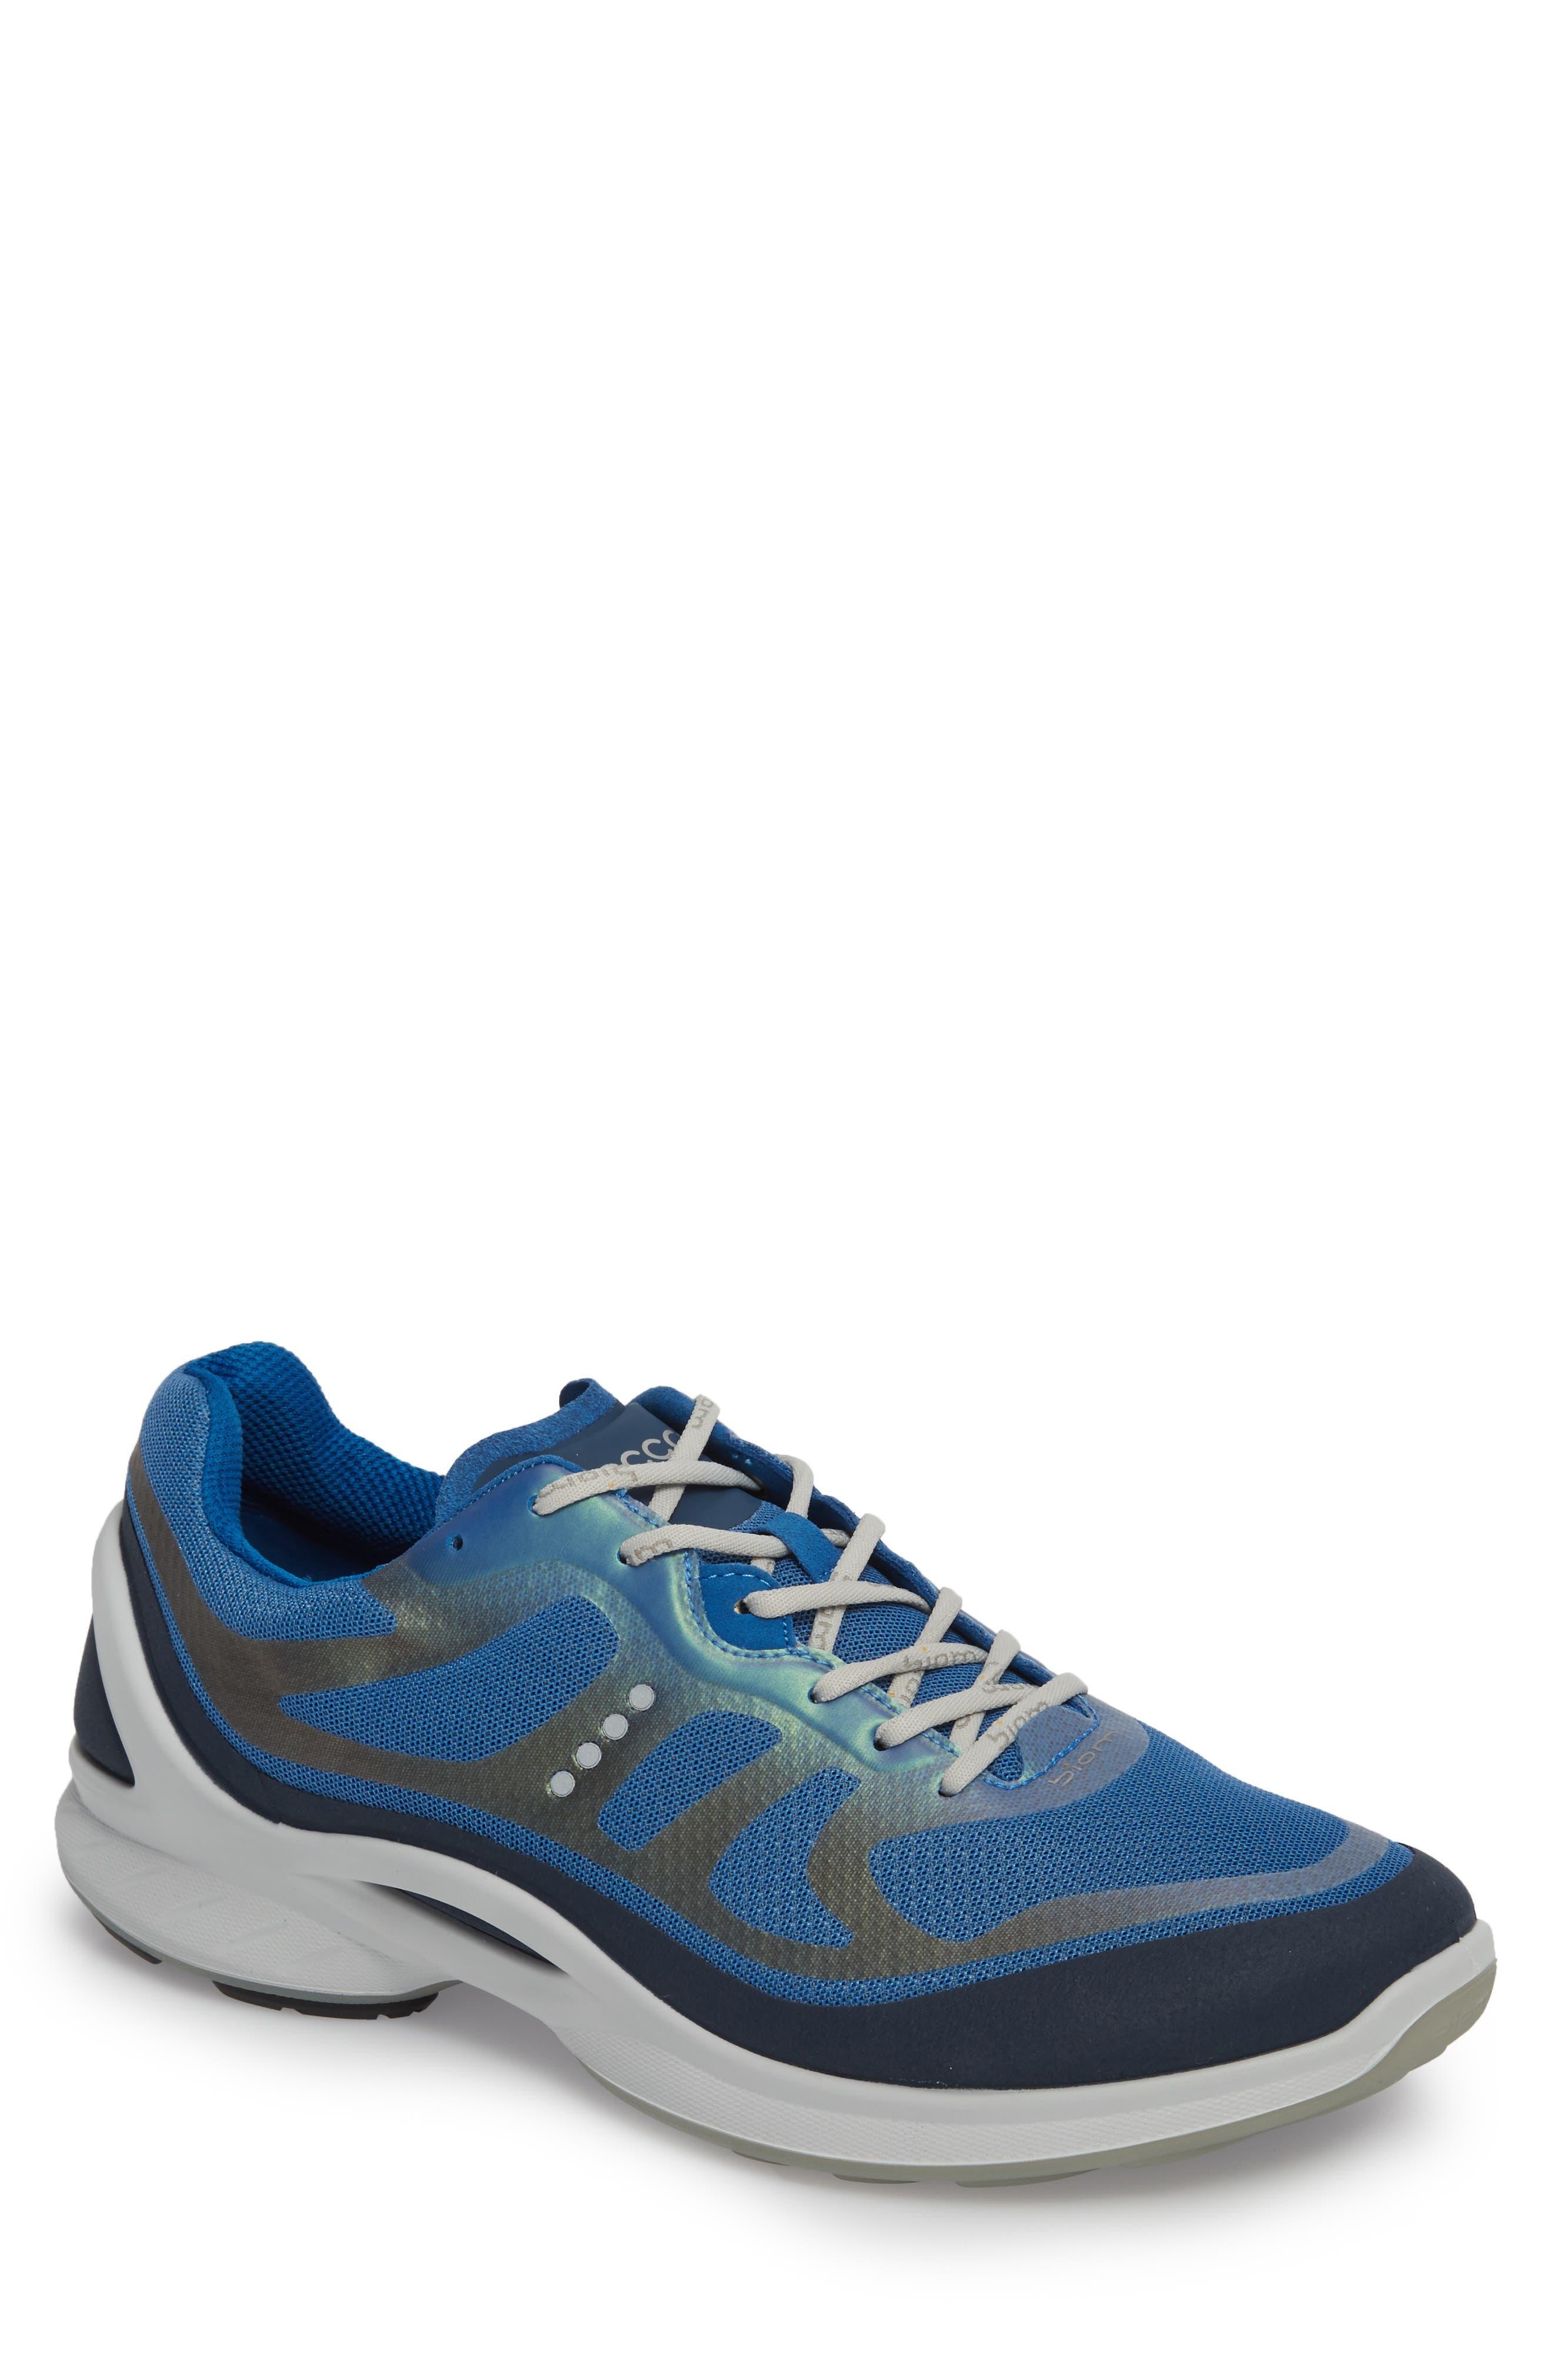 BIOM Fjuel Tie Sneaker,                         Main,                         color, MARINE/ BLUE TEXTILE